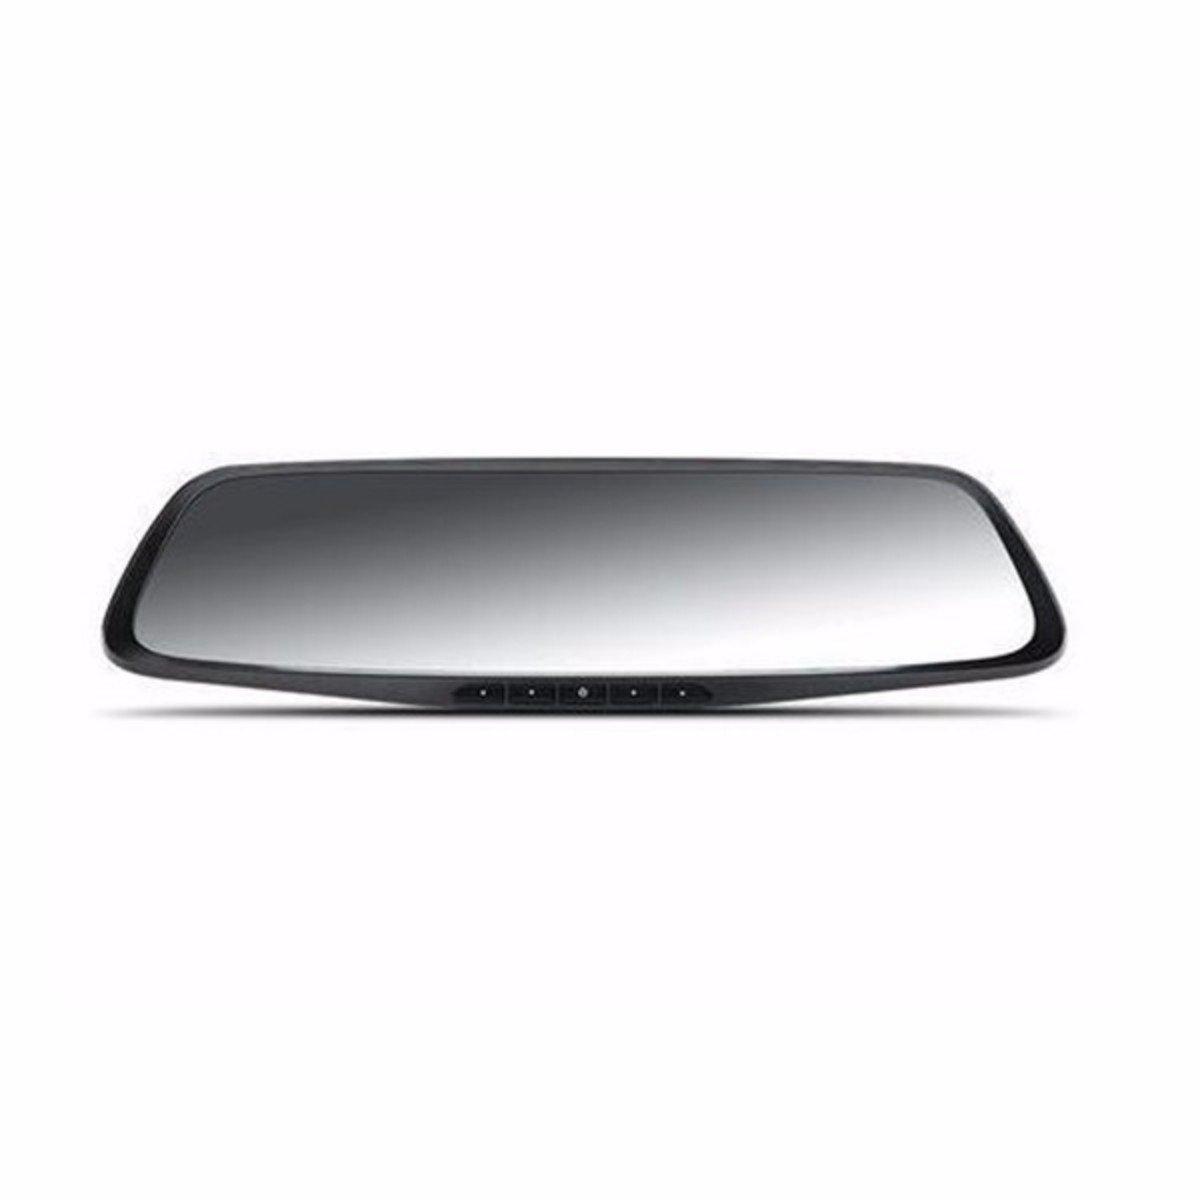 360高清汽車記錄儀1080 p 30 fps攝像機140度廣角後視鏡